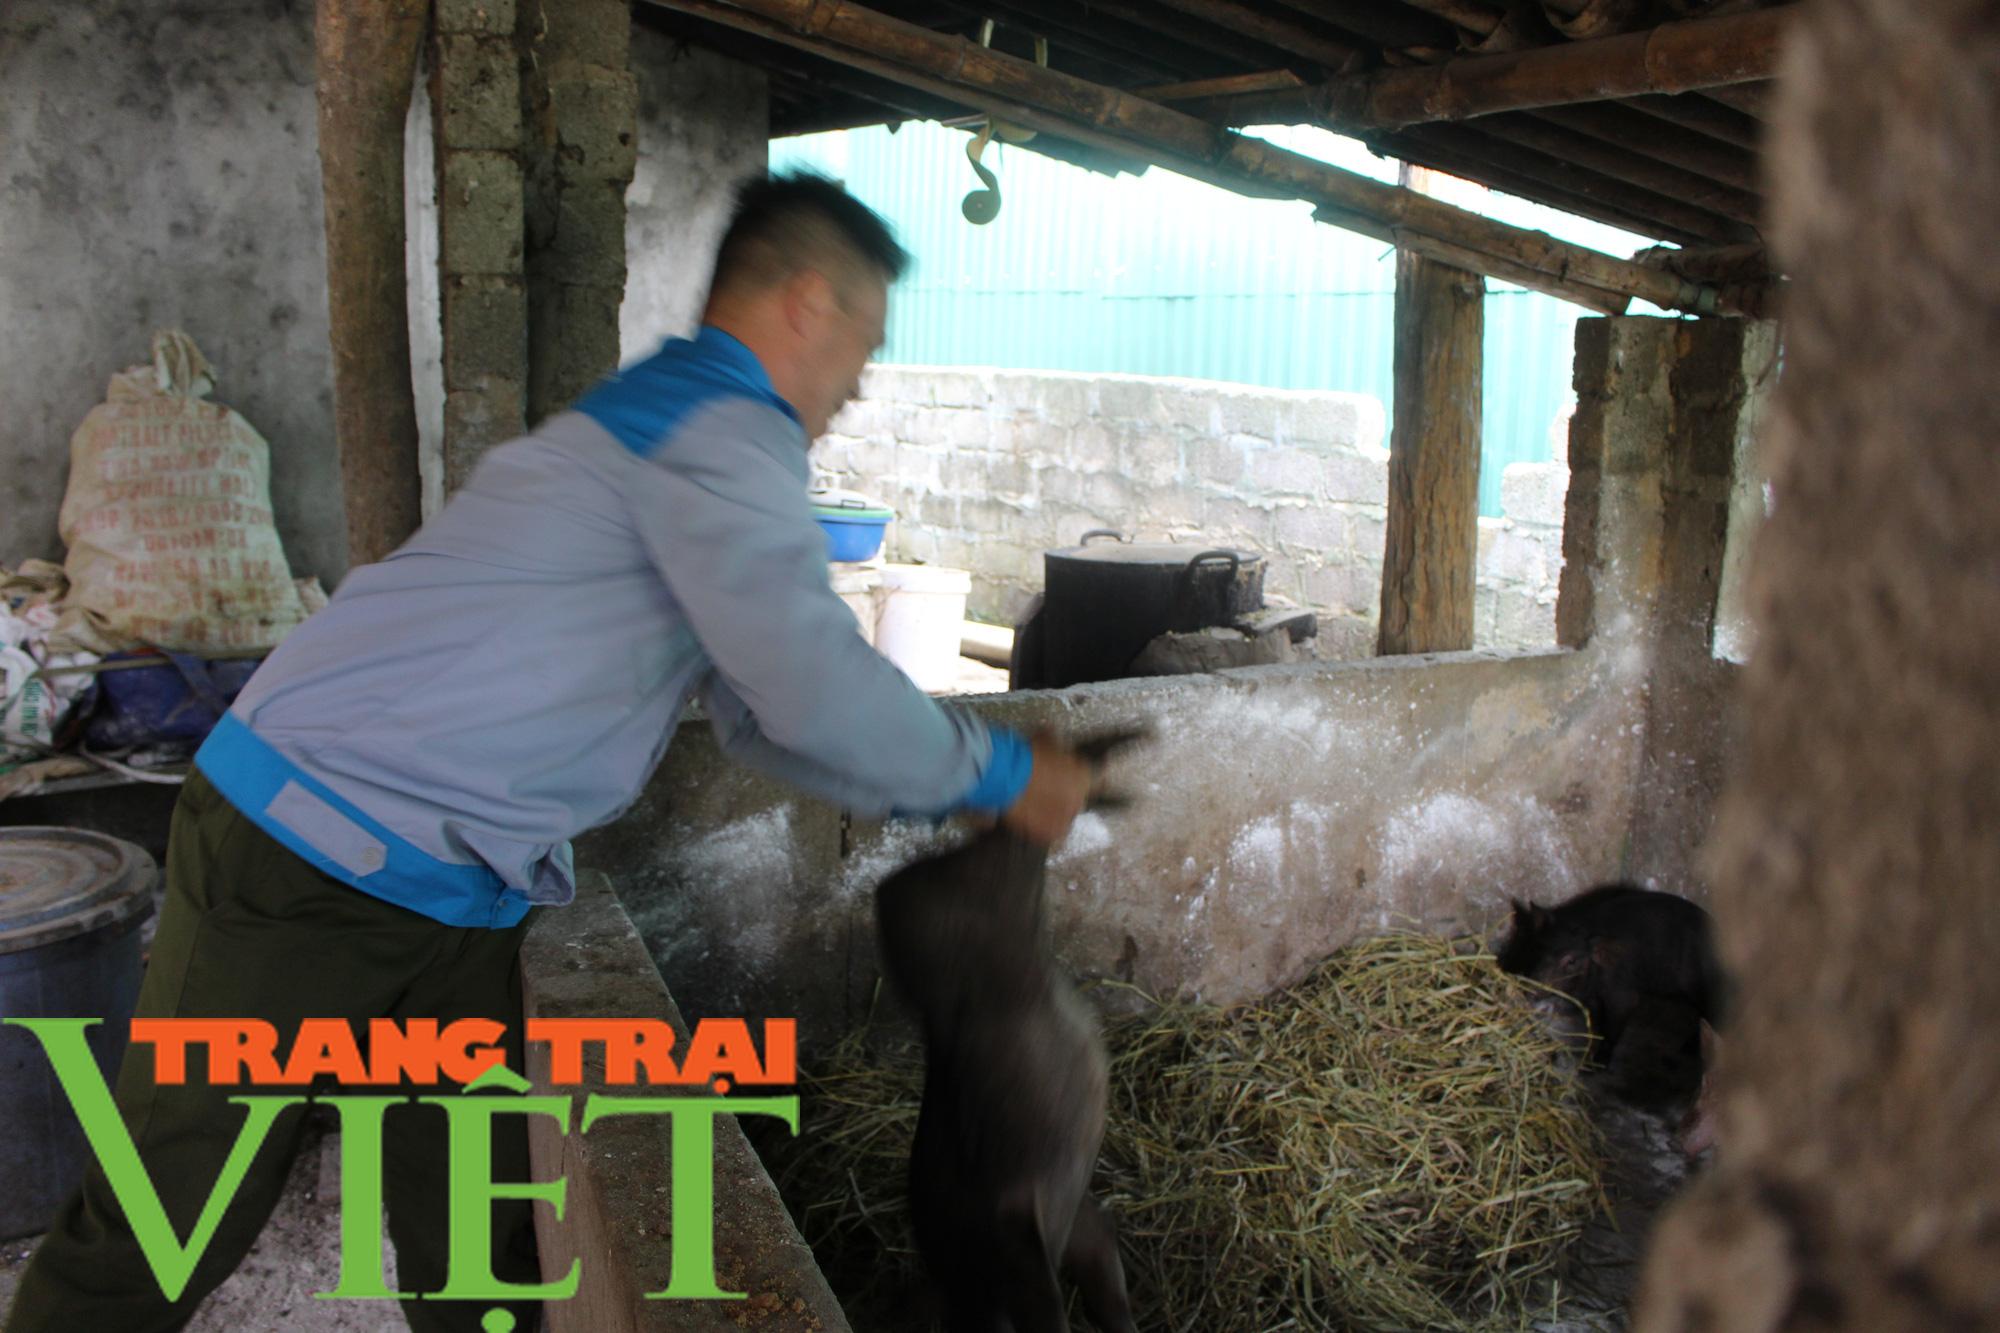 Hội Nông dân tỉnh Hòa Bình: Trao tặng lợn giống, vật tư chăn nuôi cho hội viên - Ảnh 2.